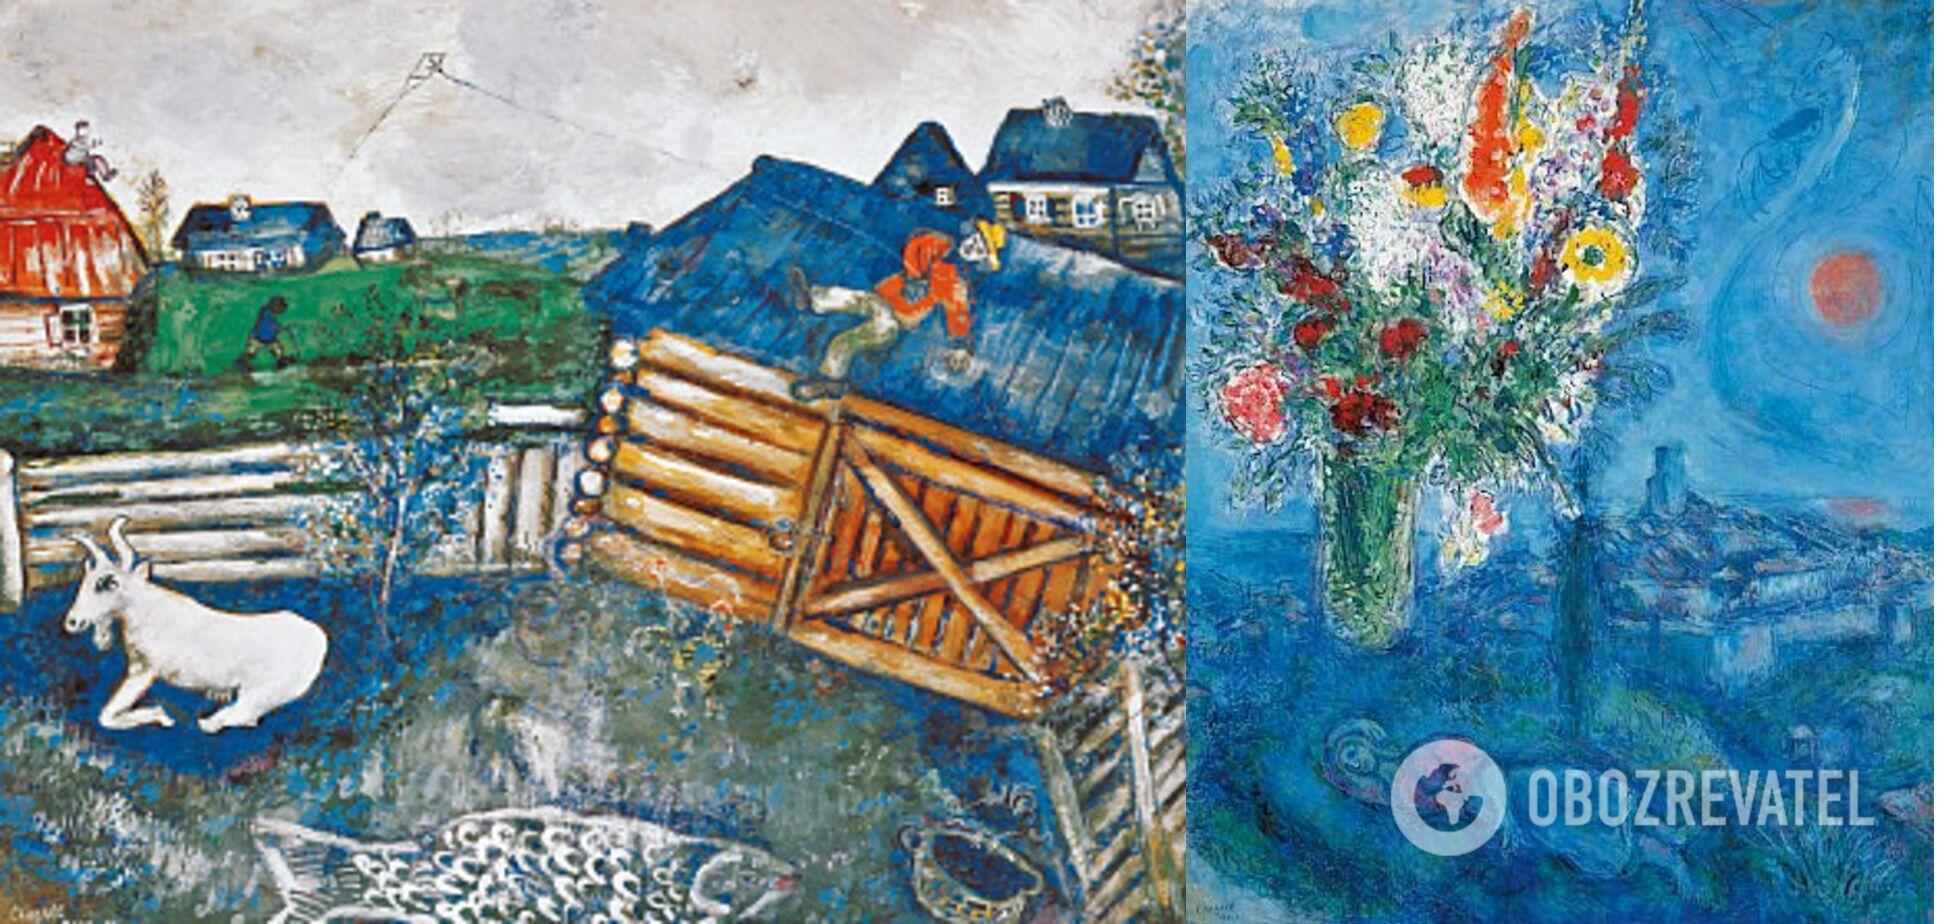 Шедевры Марка Шагала можно увидеть в Альбертине.